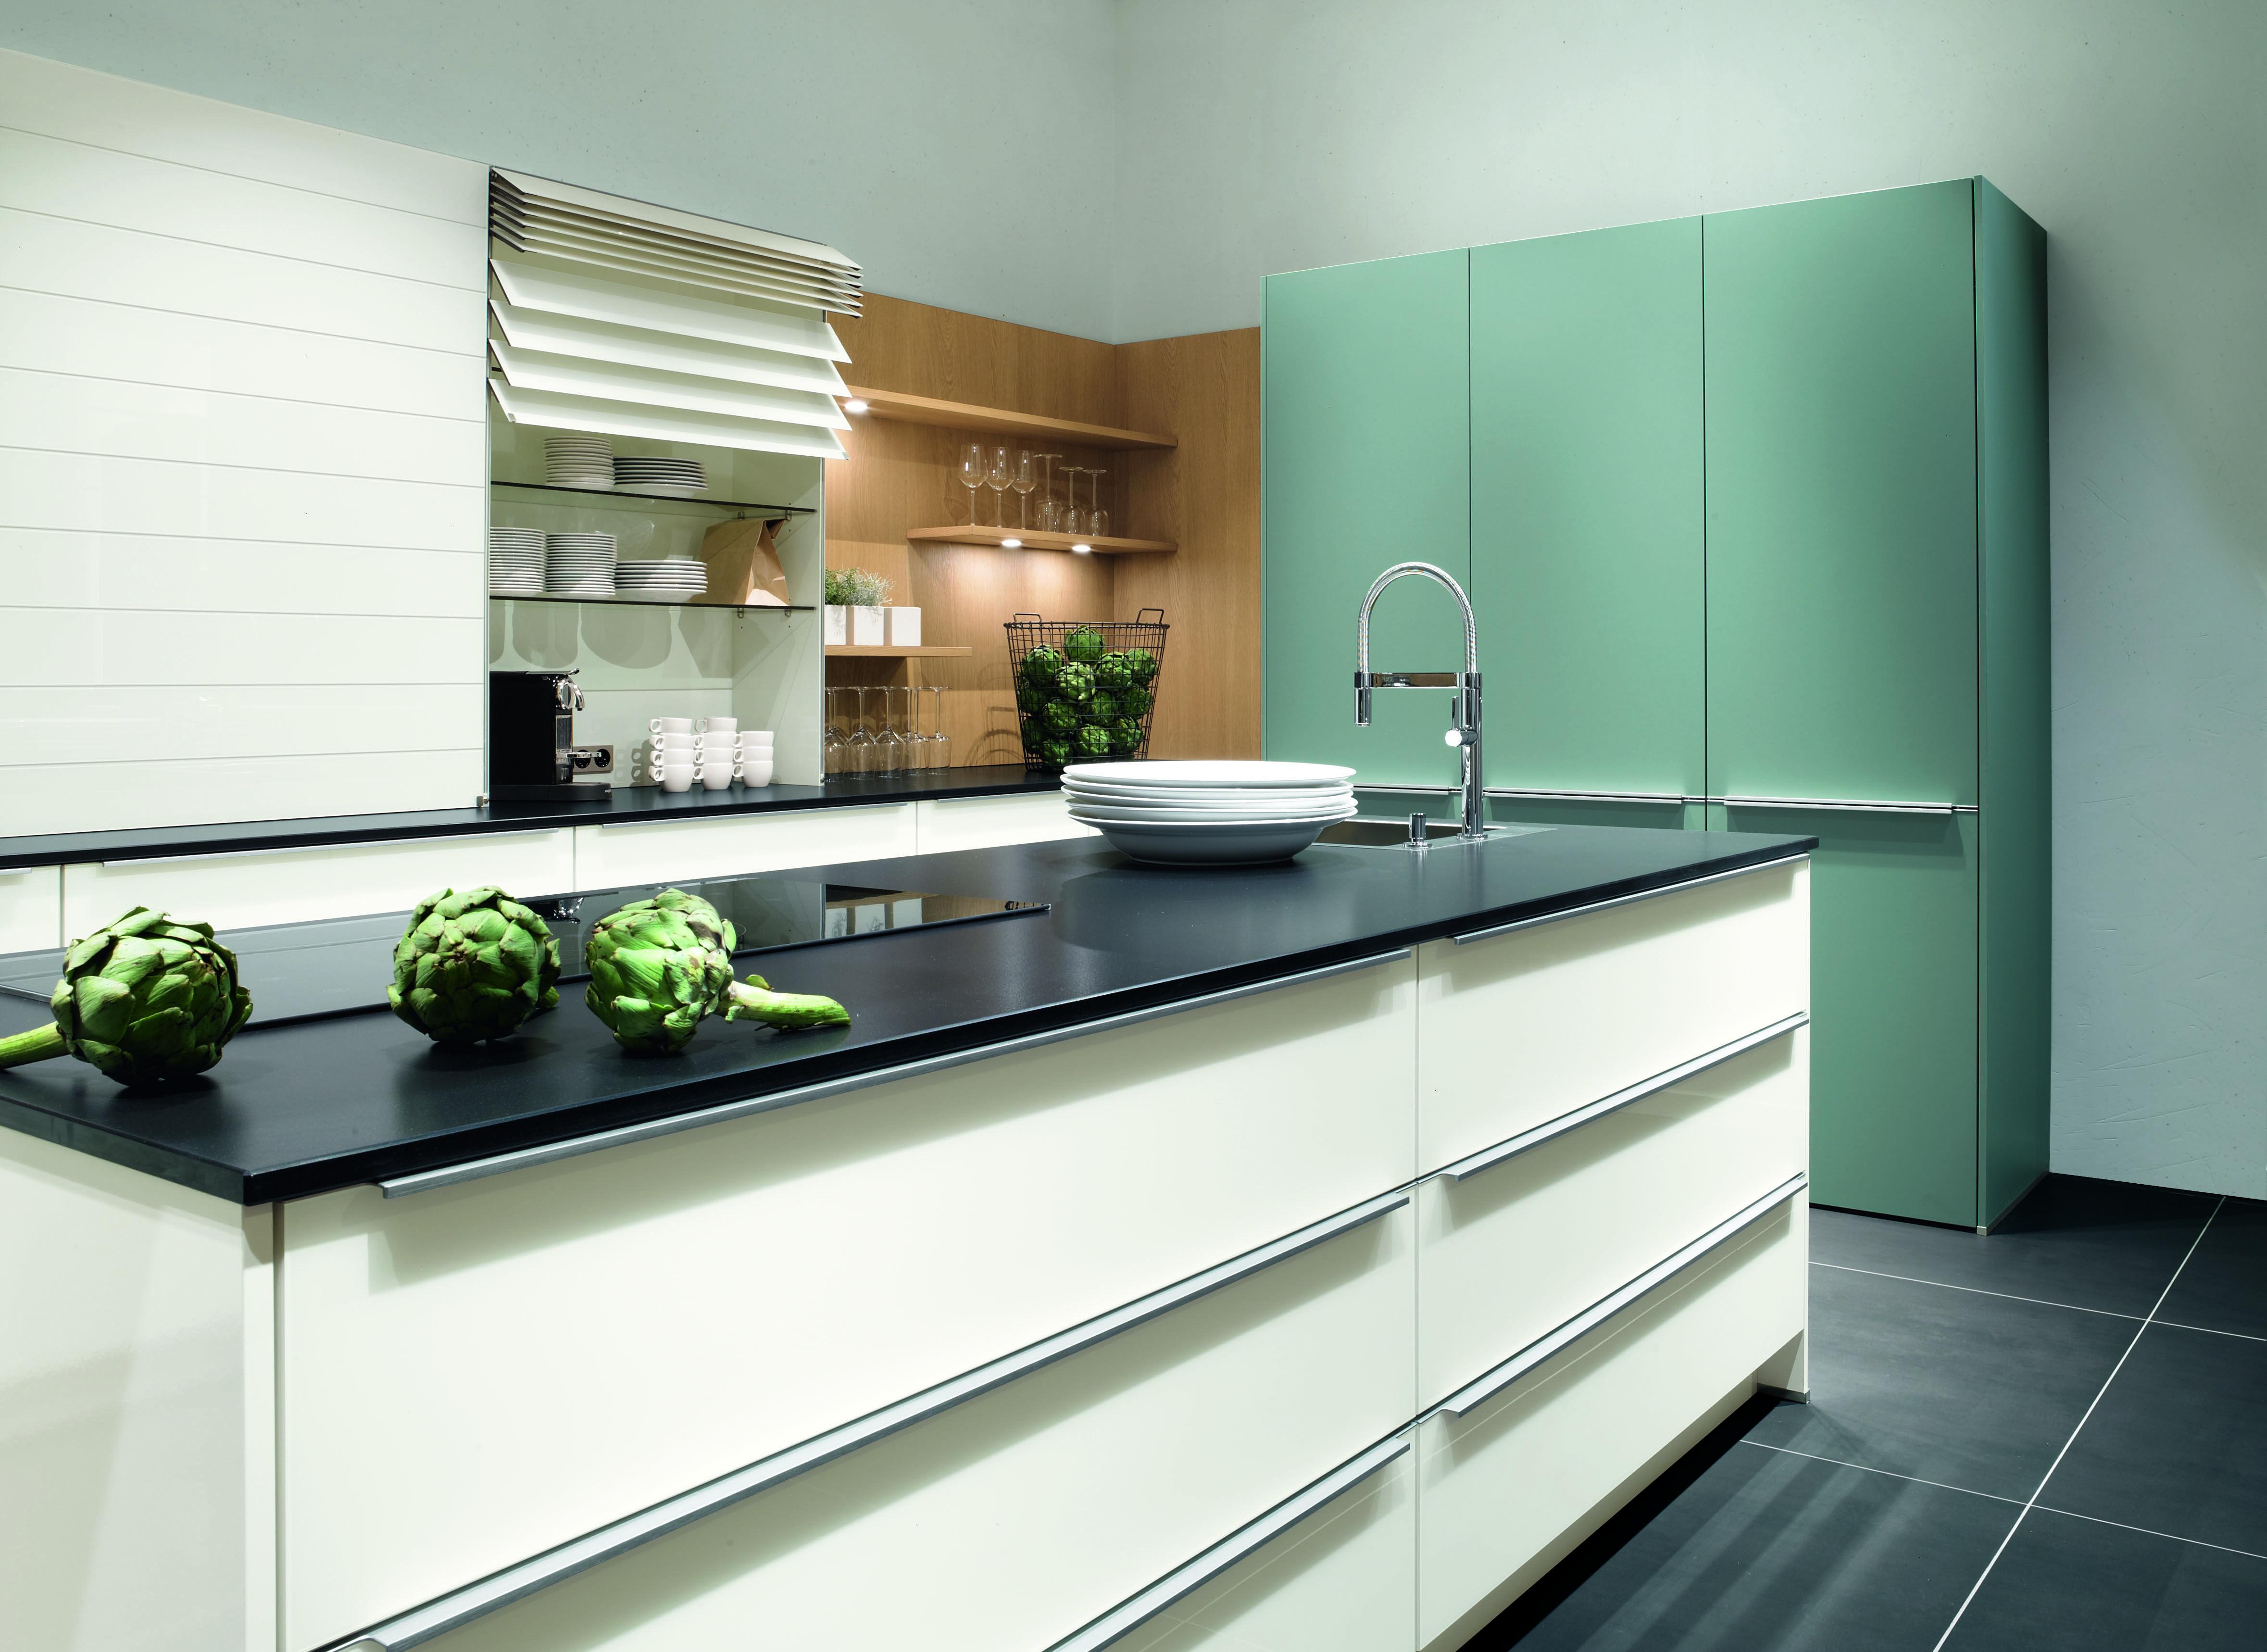 küchenplana beste bild oder bfdddcedfaf jpg